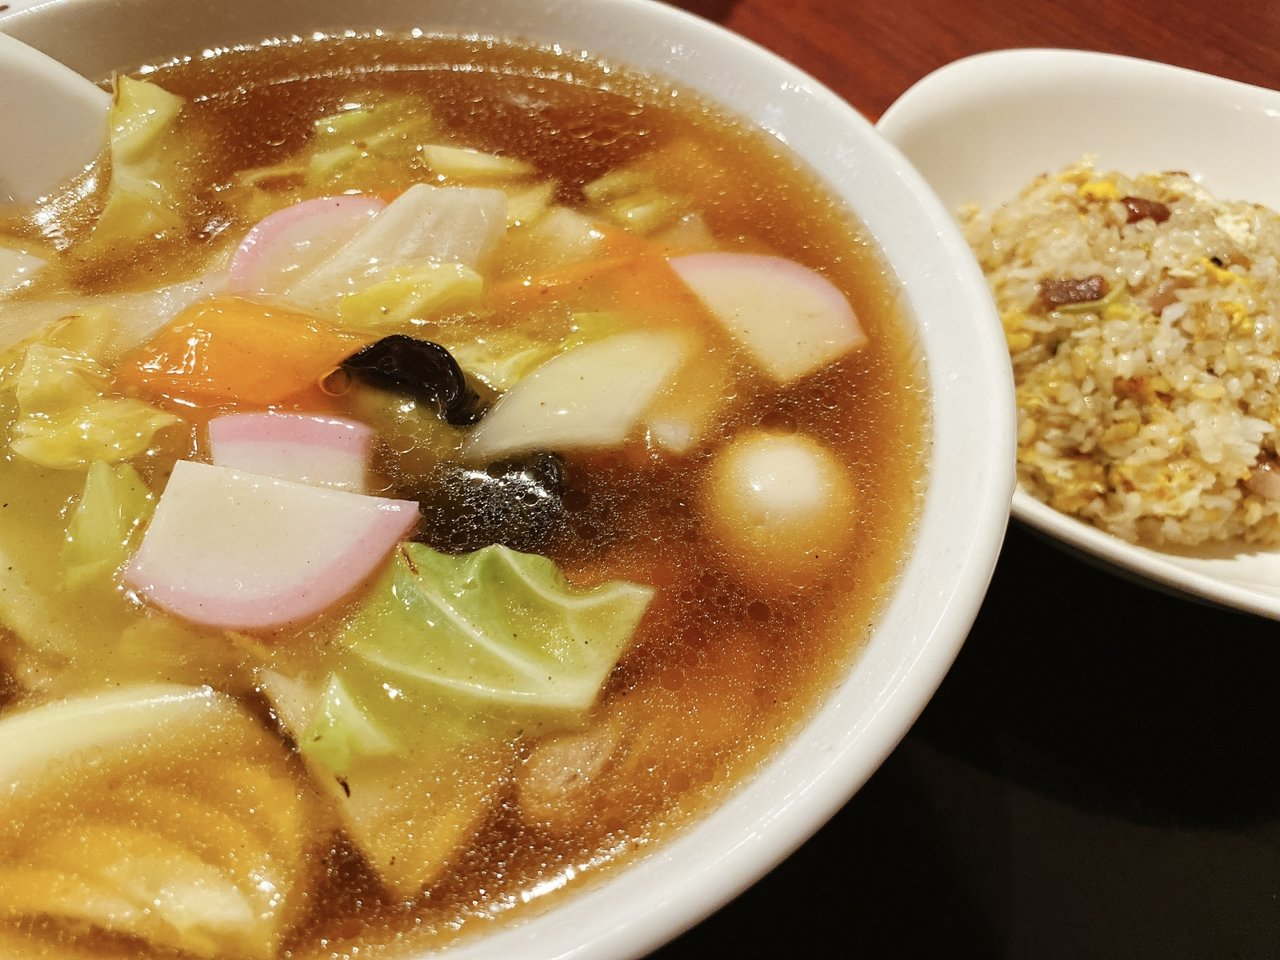 東京ローカルのおいしいラーメンがたべたい|野菜あんかけそばと半チャーハン